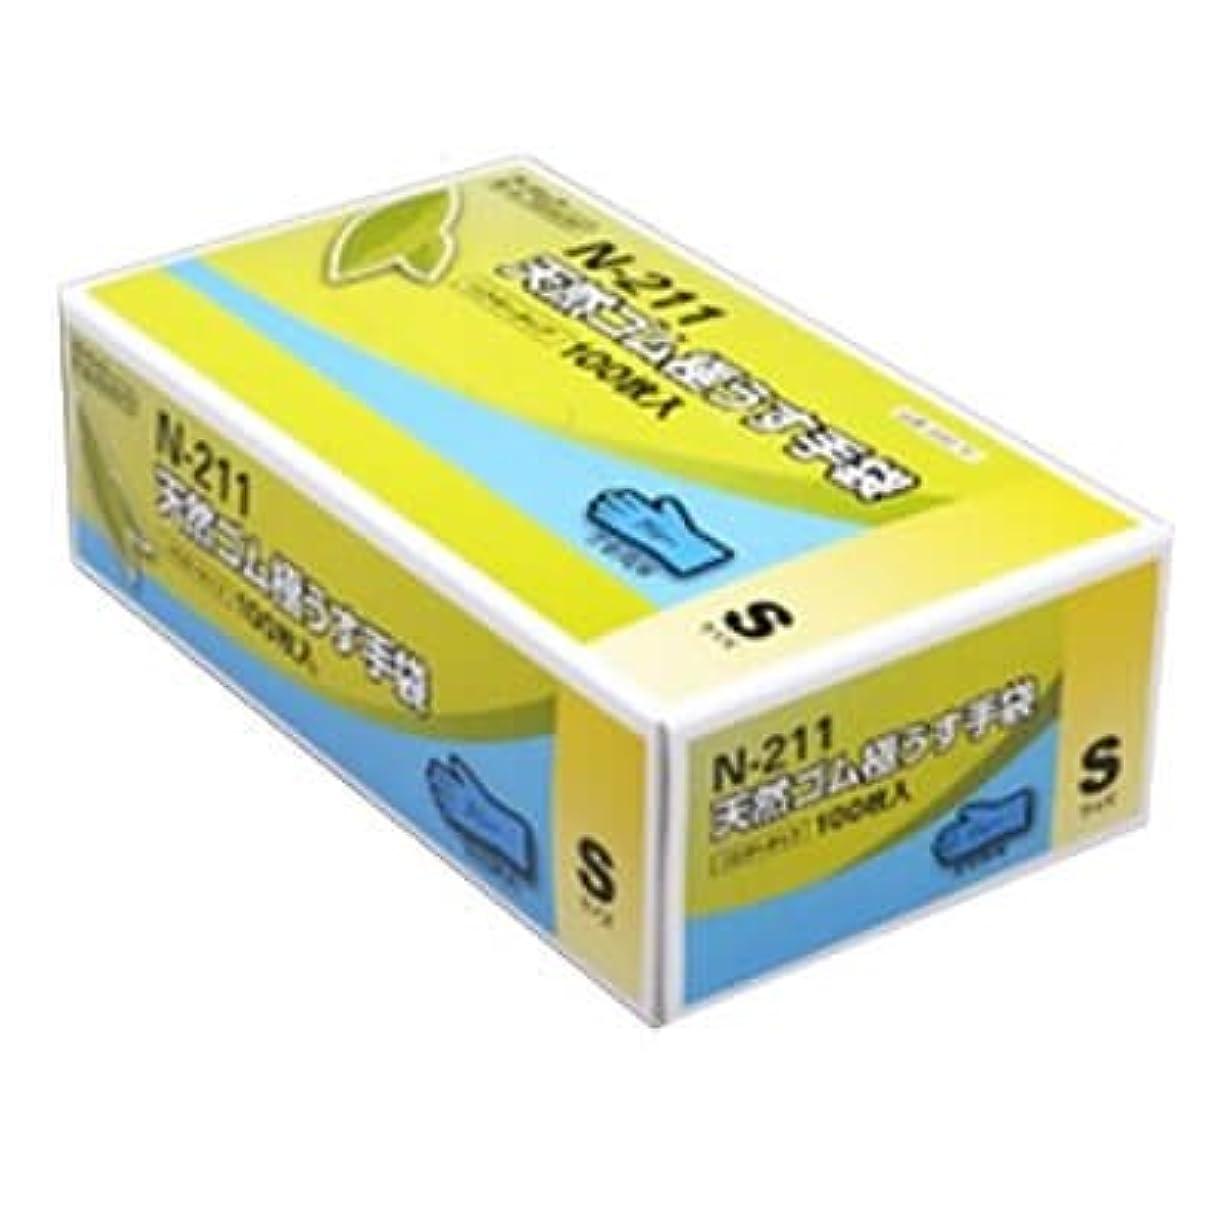 化学薬品シャープ物語【ケース販売】 ダンロップ 天然ゴム極うす手袋 N-211 S ブルー (100枚入×20箱)